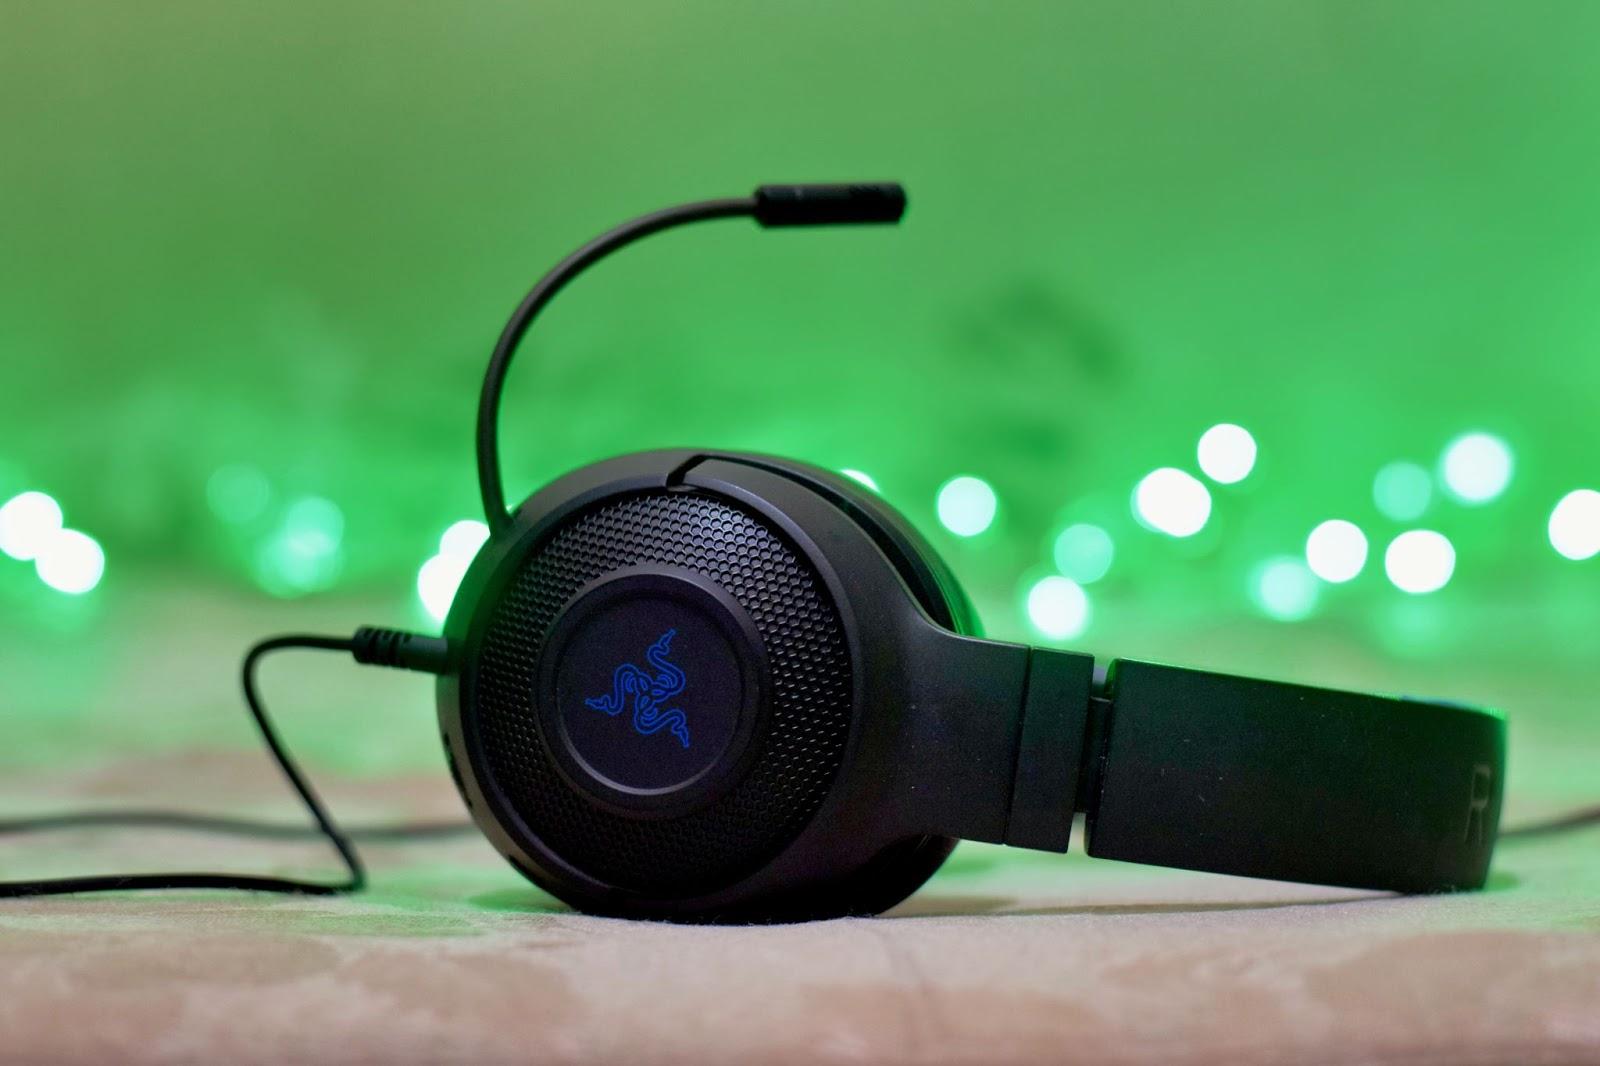 auricular gamer